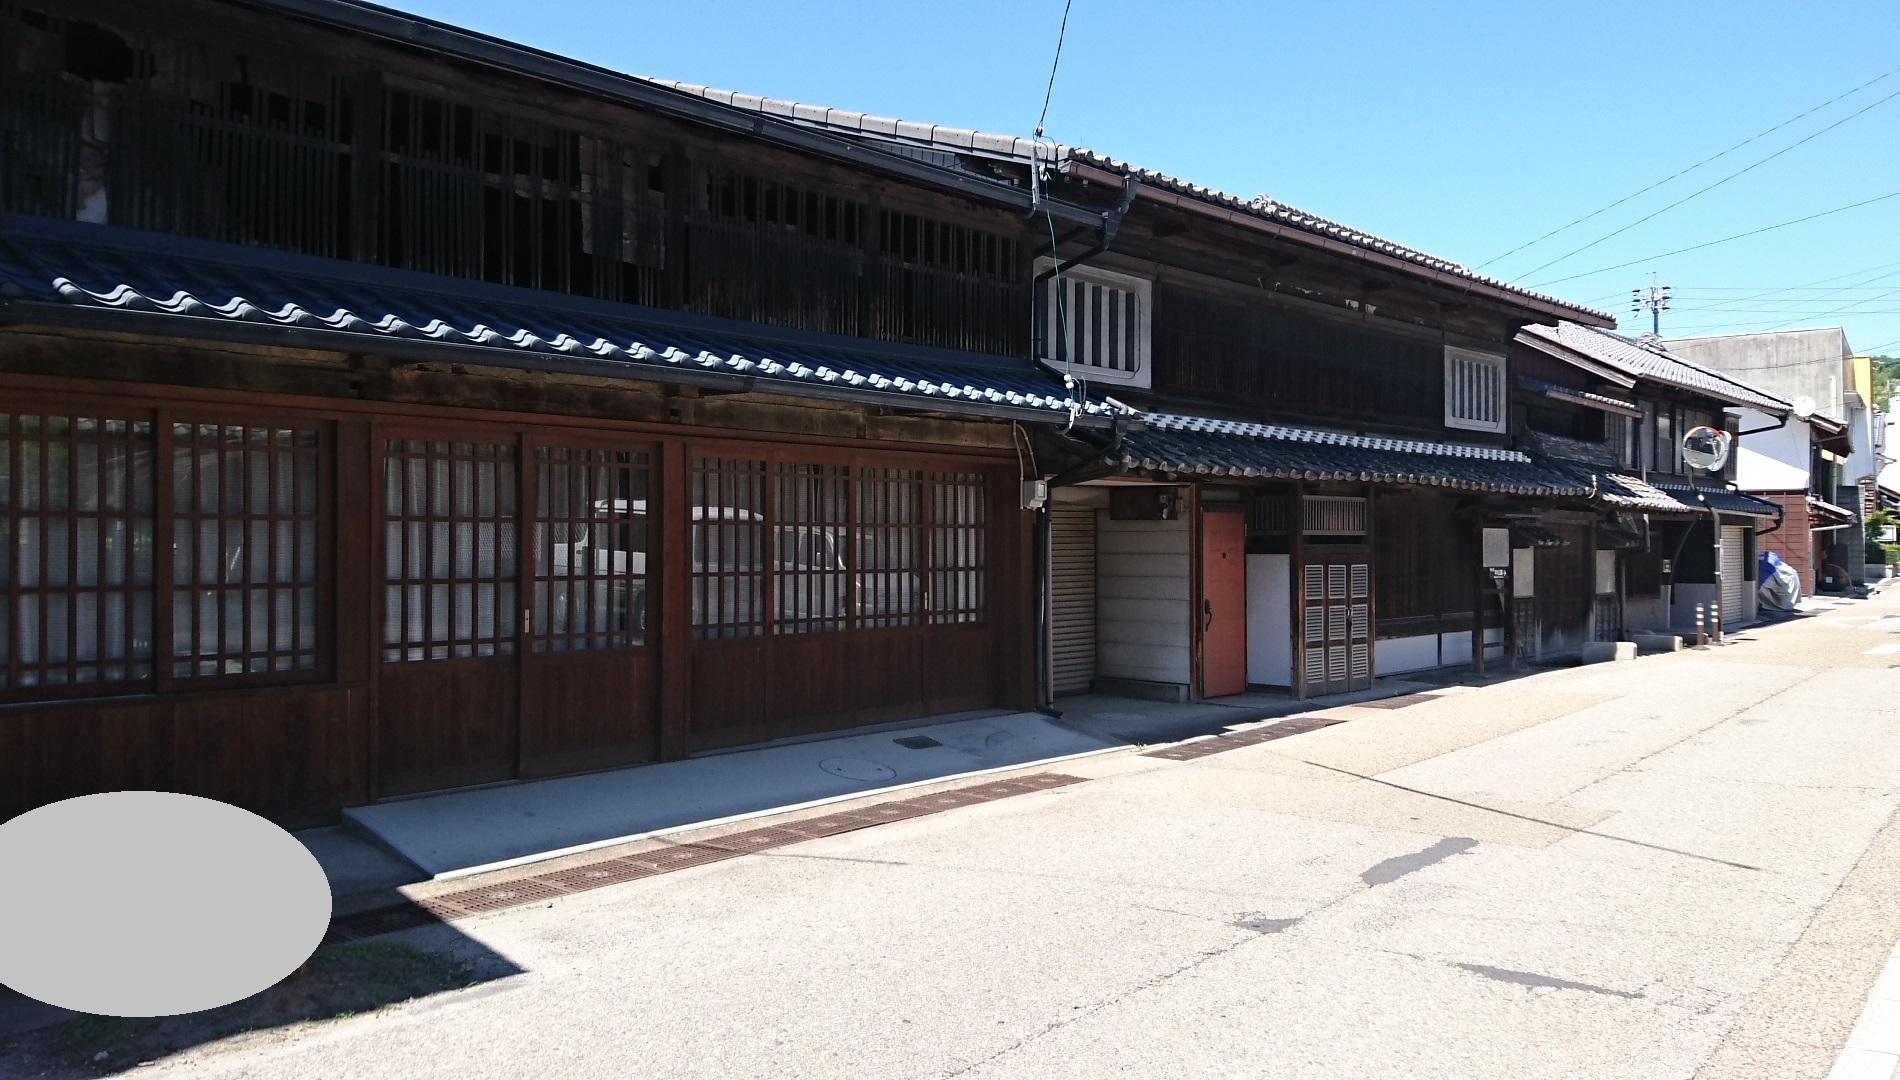 2017.5.19 大井 (58) 中山道 - 宿役人のいえ 1900-1080